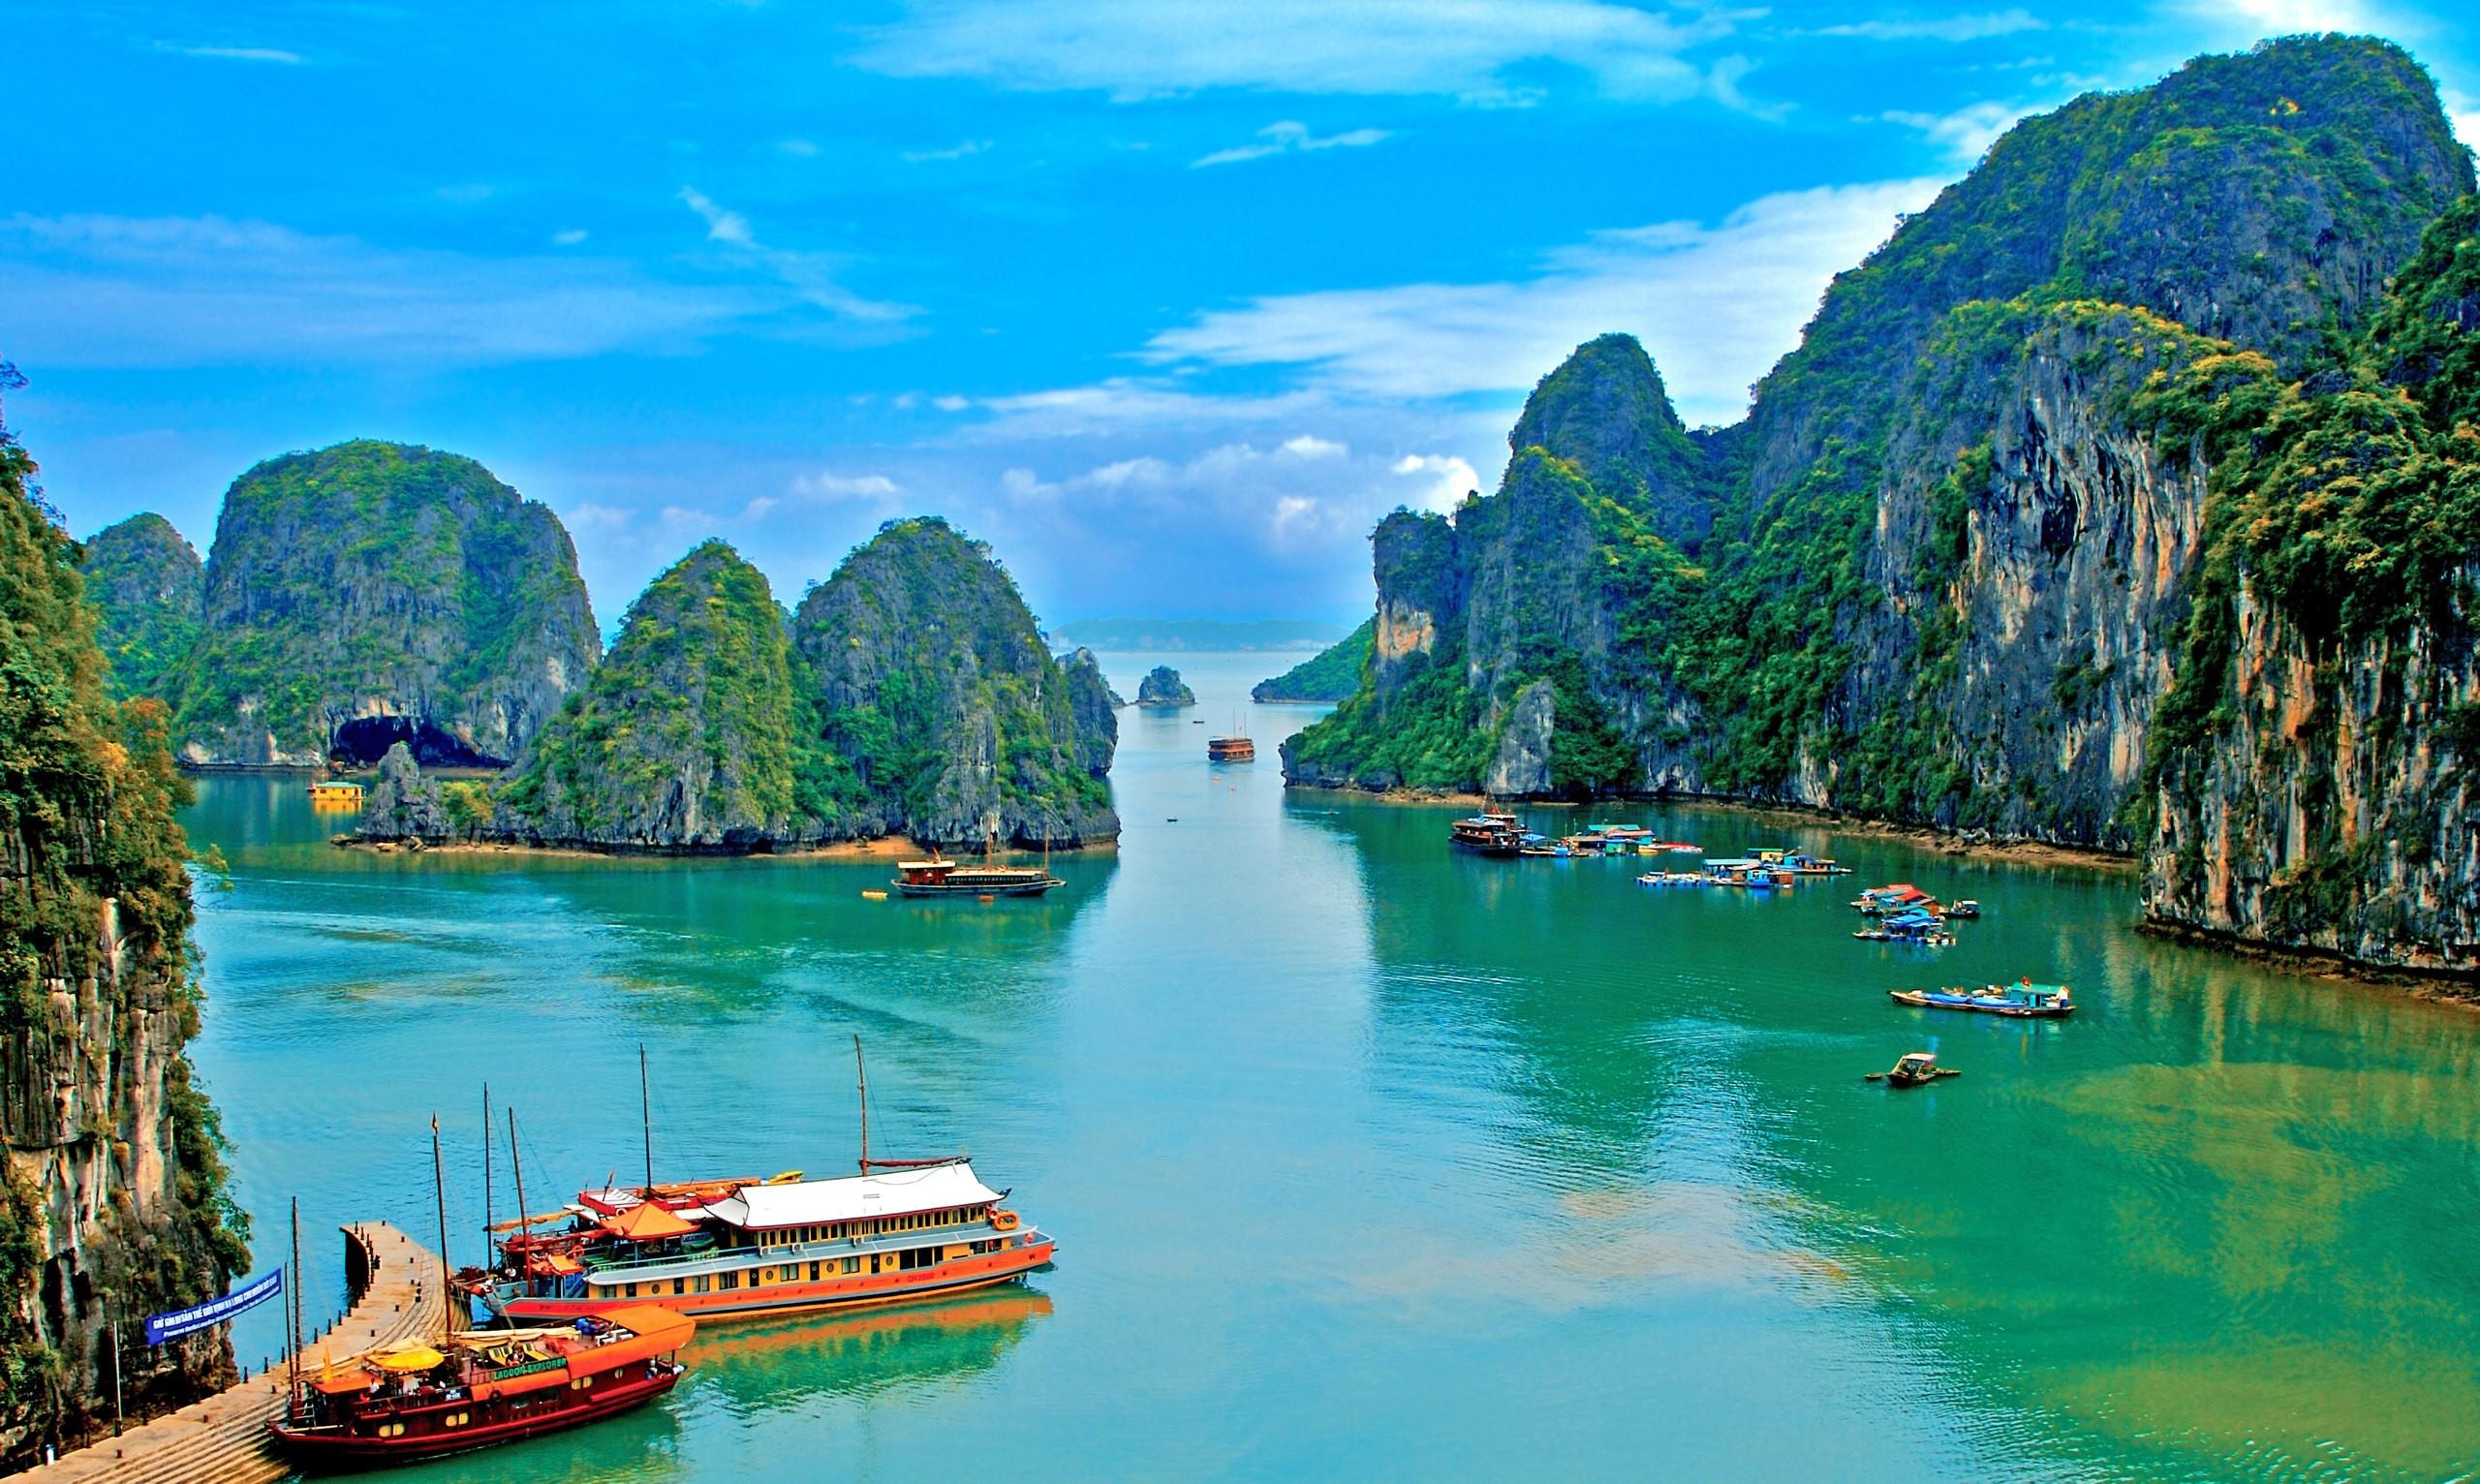 Китайский лайнер отправился впервое плавание кспорным островам Сиша